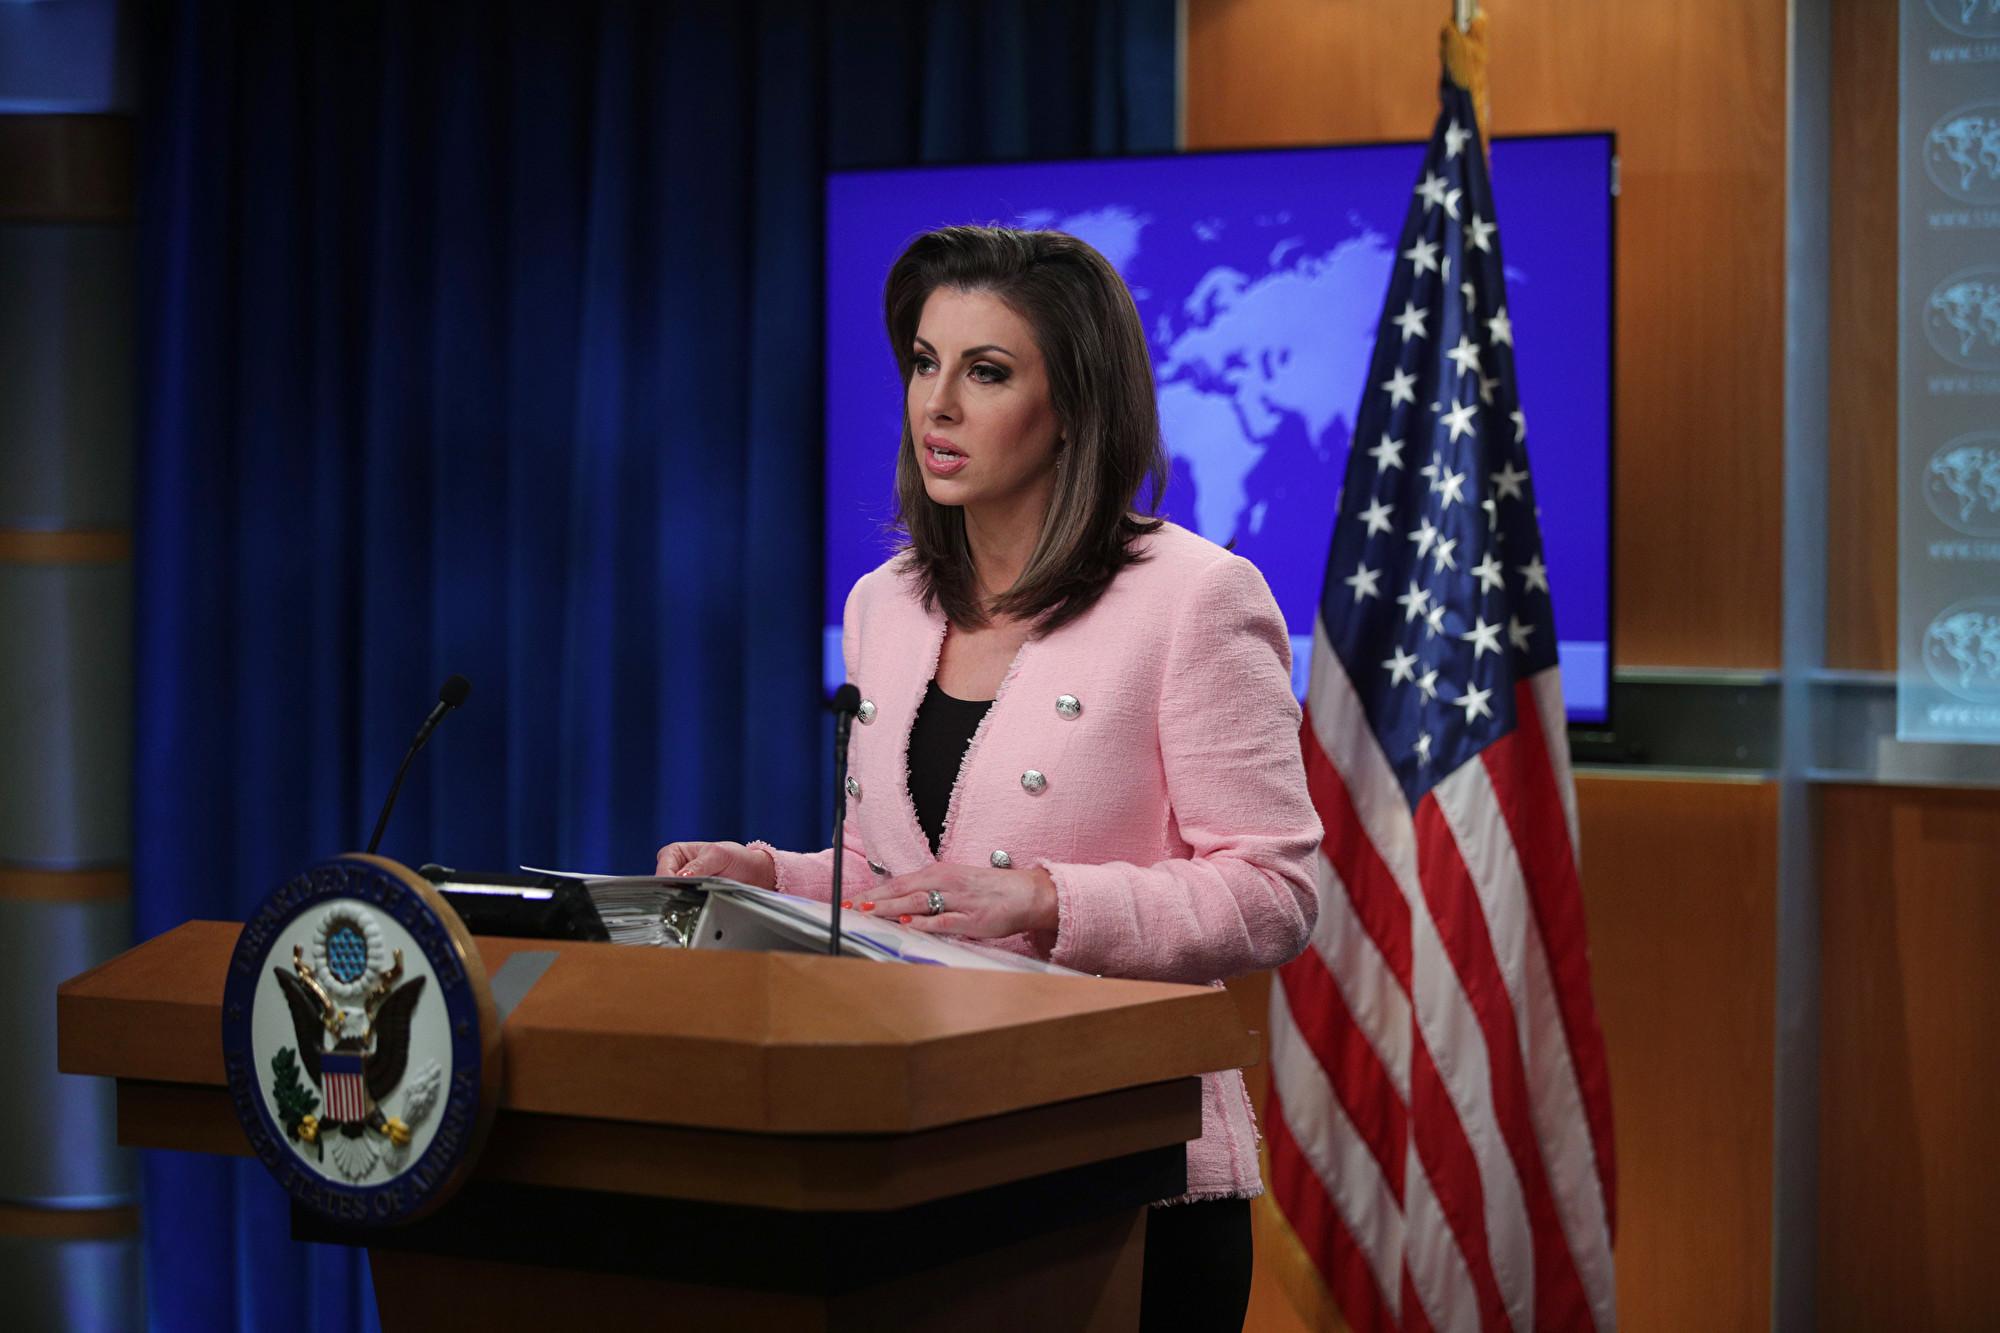 美國務院和歐盟敦促中共立即釋放黃琦